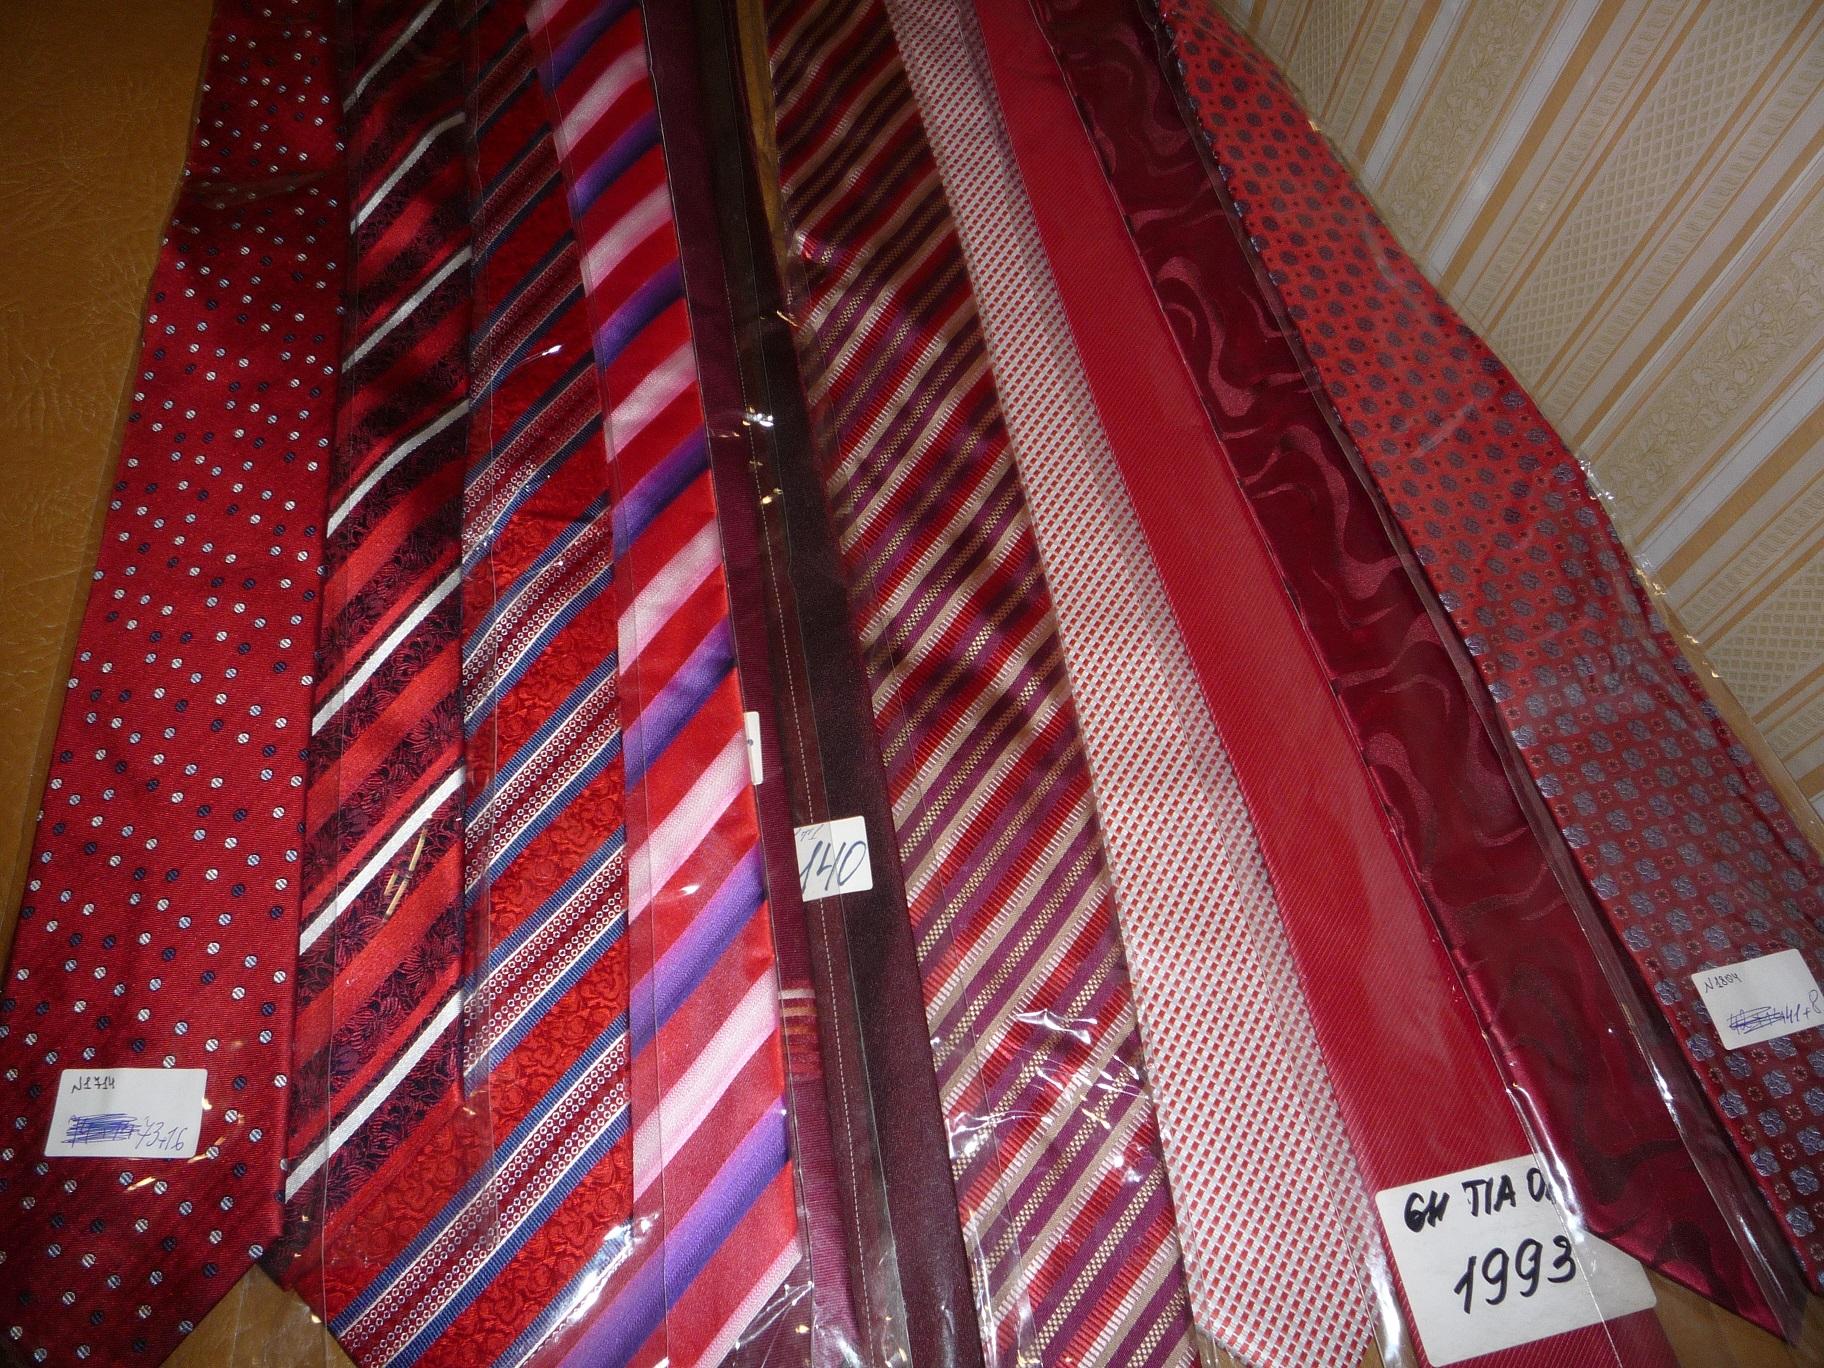 Сбор заказов. Sale! Любой за 20 руб! Каждому мужчине по галстуку! Курс растет, а у нас цены ниже некуда! Известные бренды, невероятное предложение! Стоп 23 августа